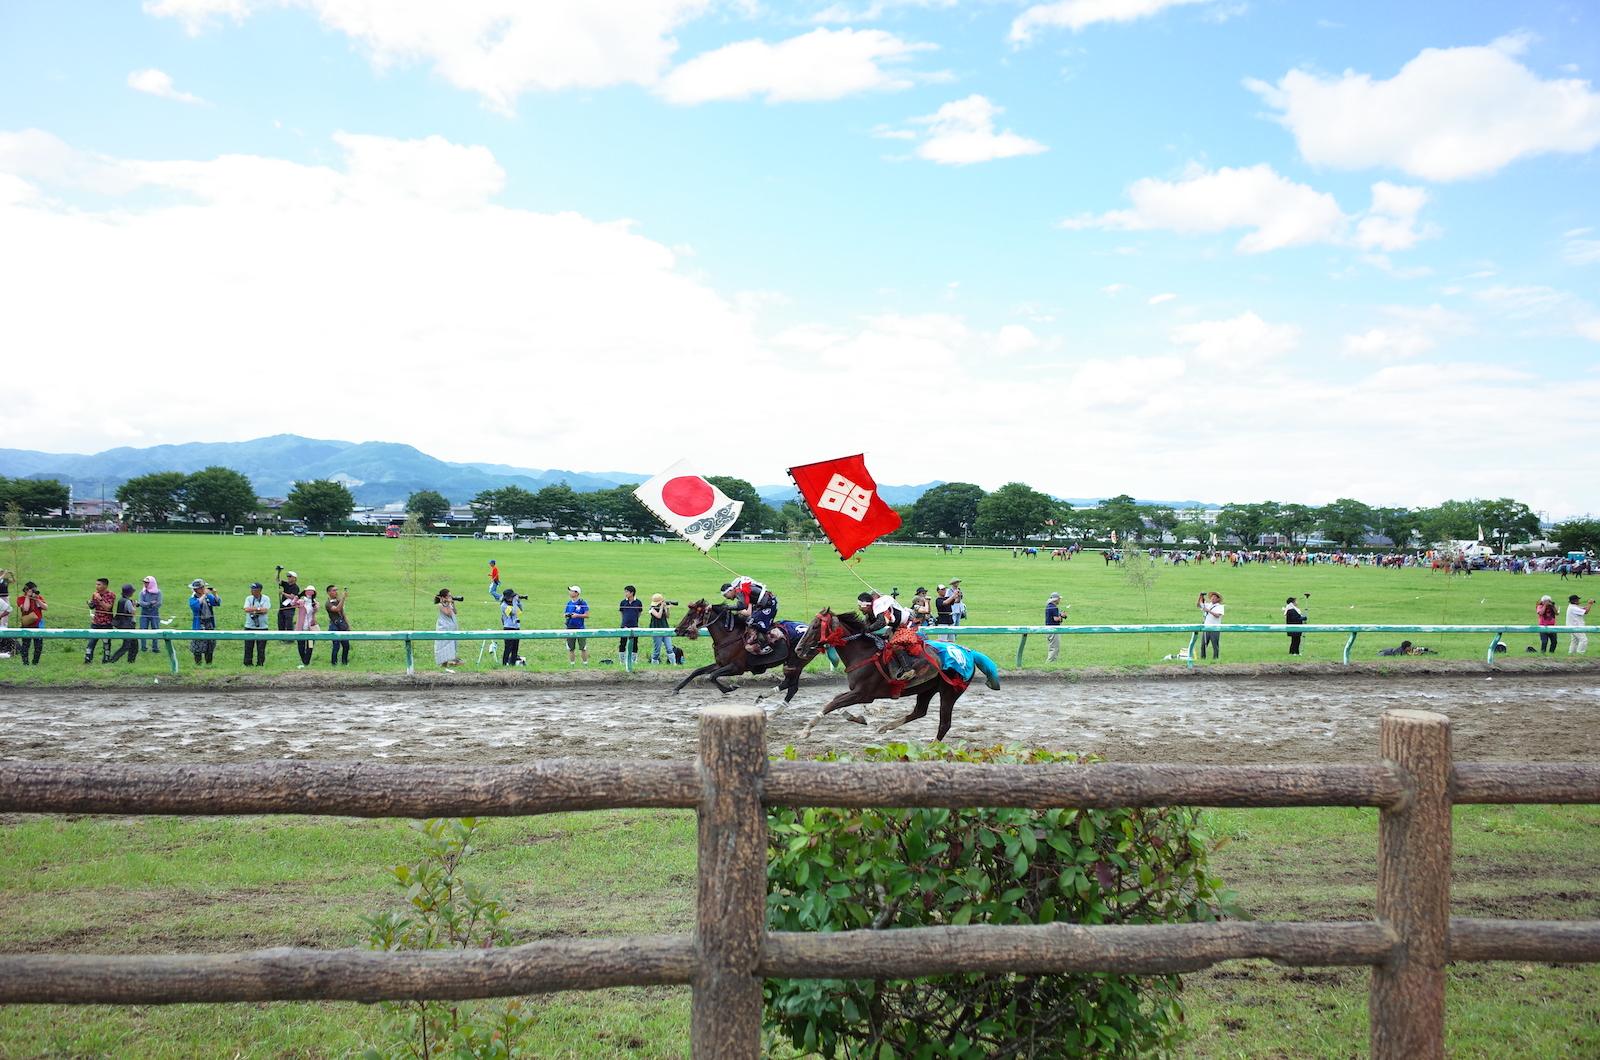 相馬野馬追2日目に行われる甲冑競馬。はためく旗指物と蹄音の迫力に圧倒される。